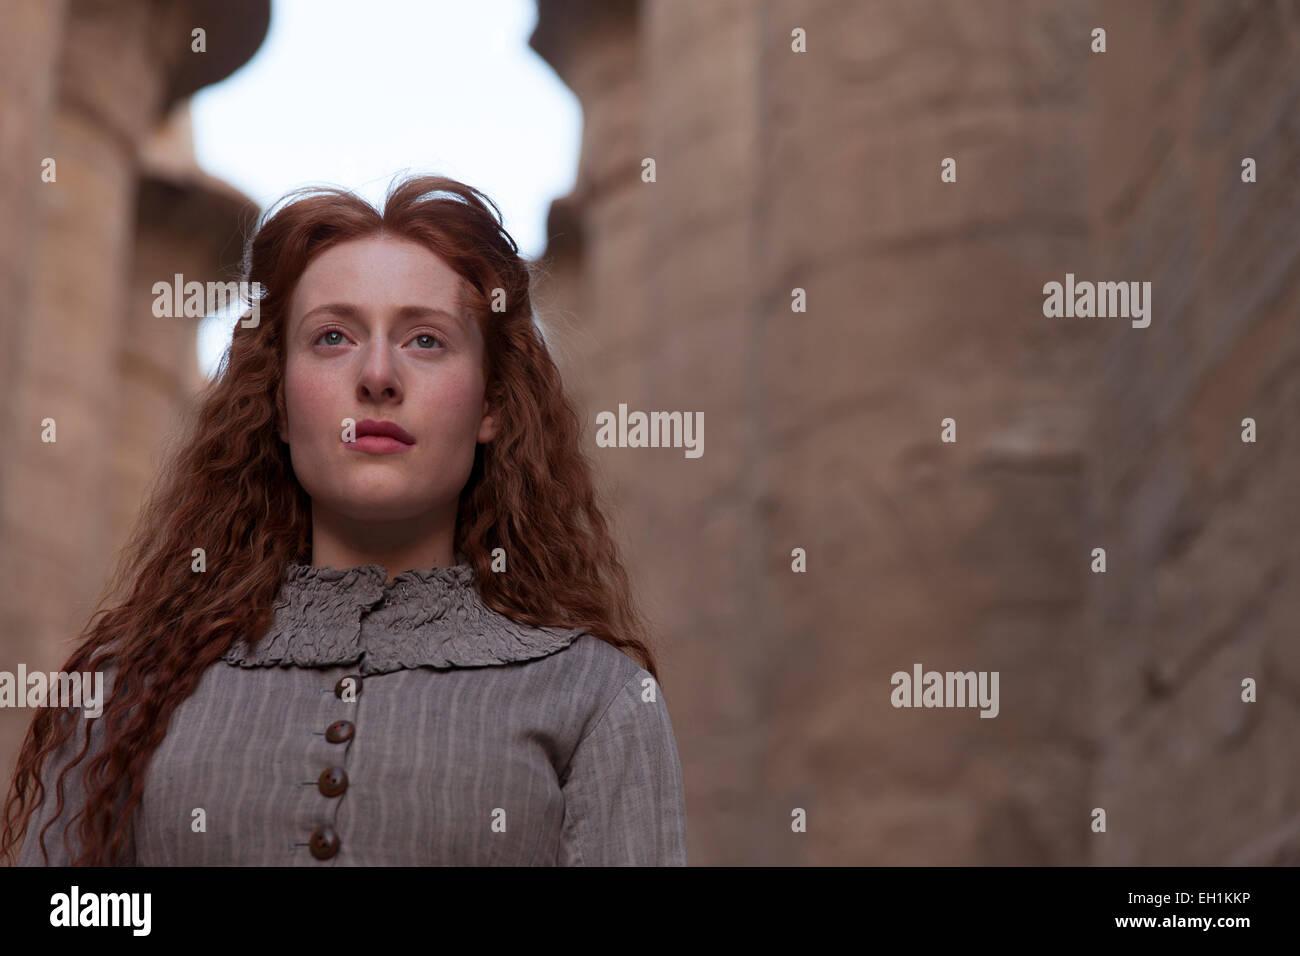 Eine Schauspielerin im Kostüm einer Rolle Etablissement Karnak Tempel, Luxor, Ägypten Stockbild